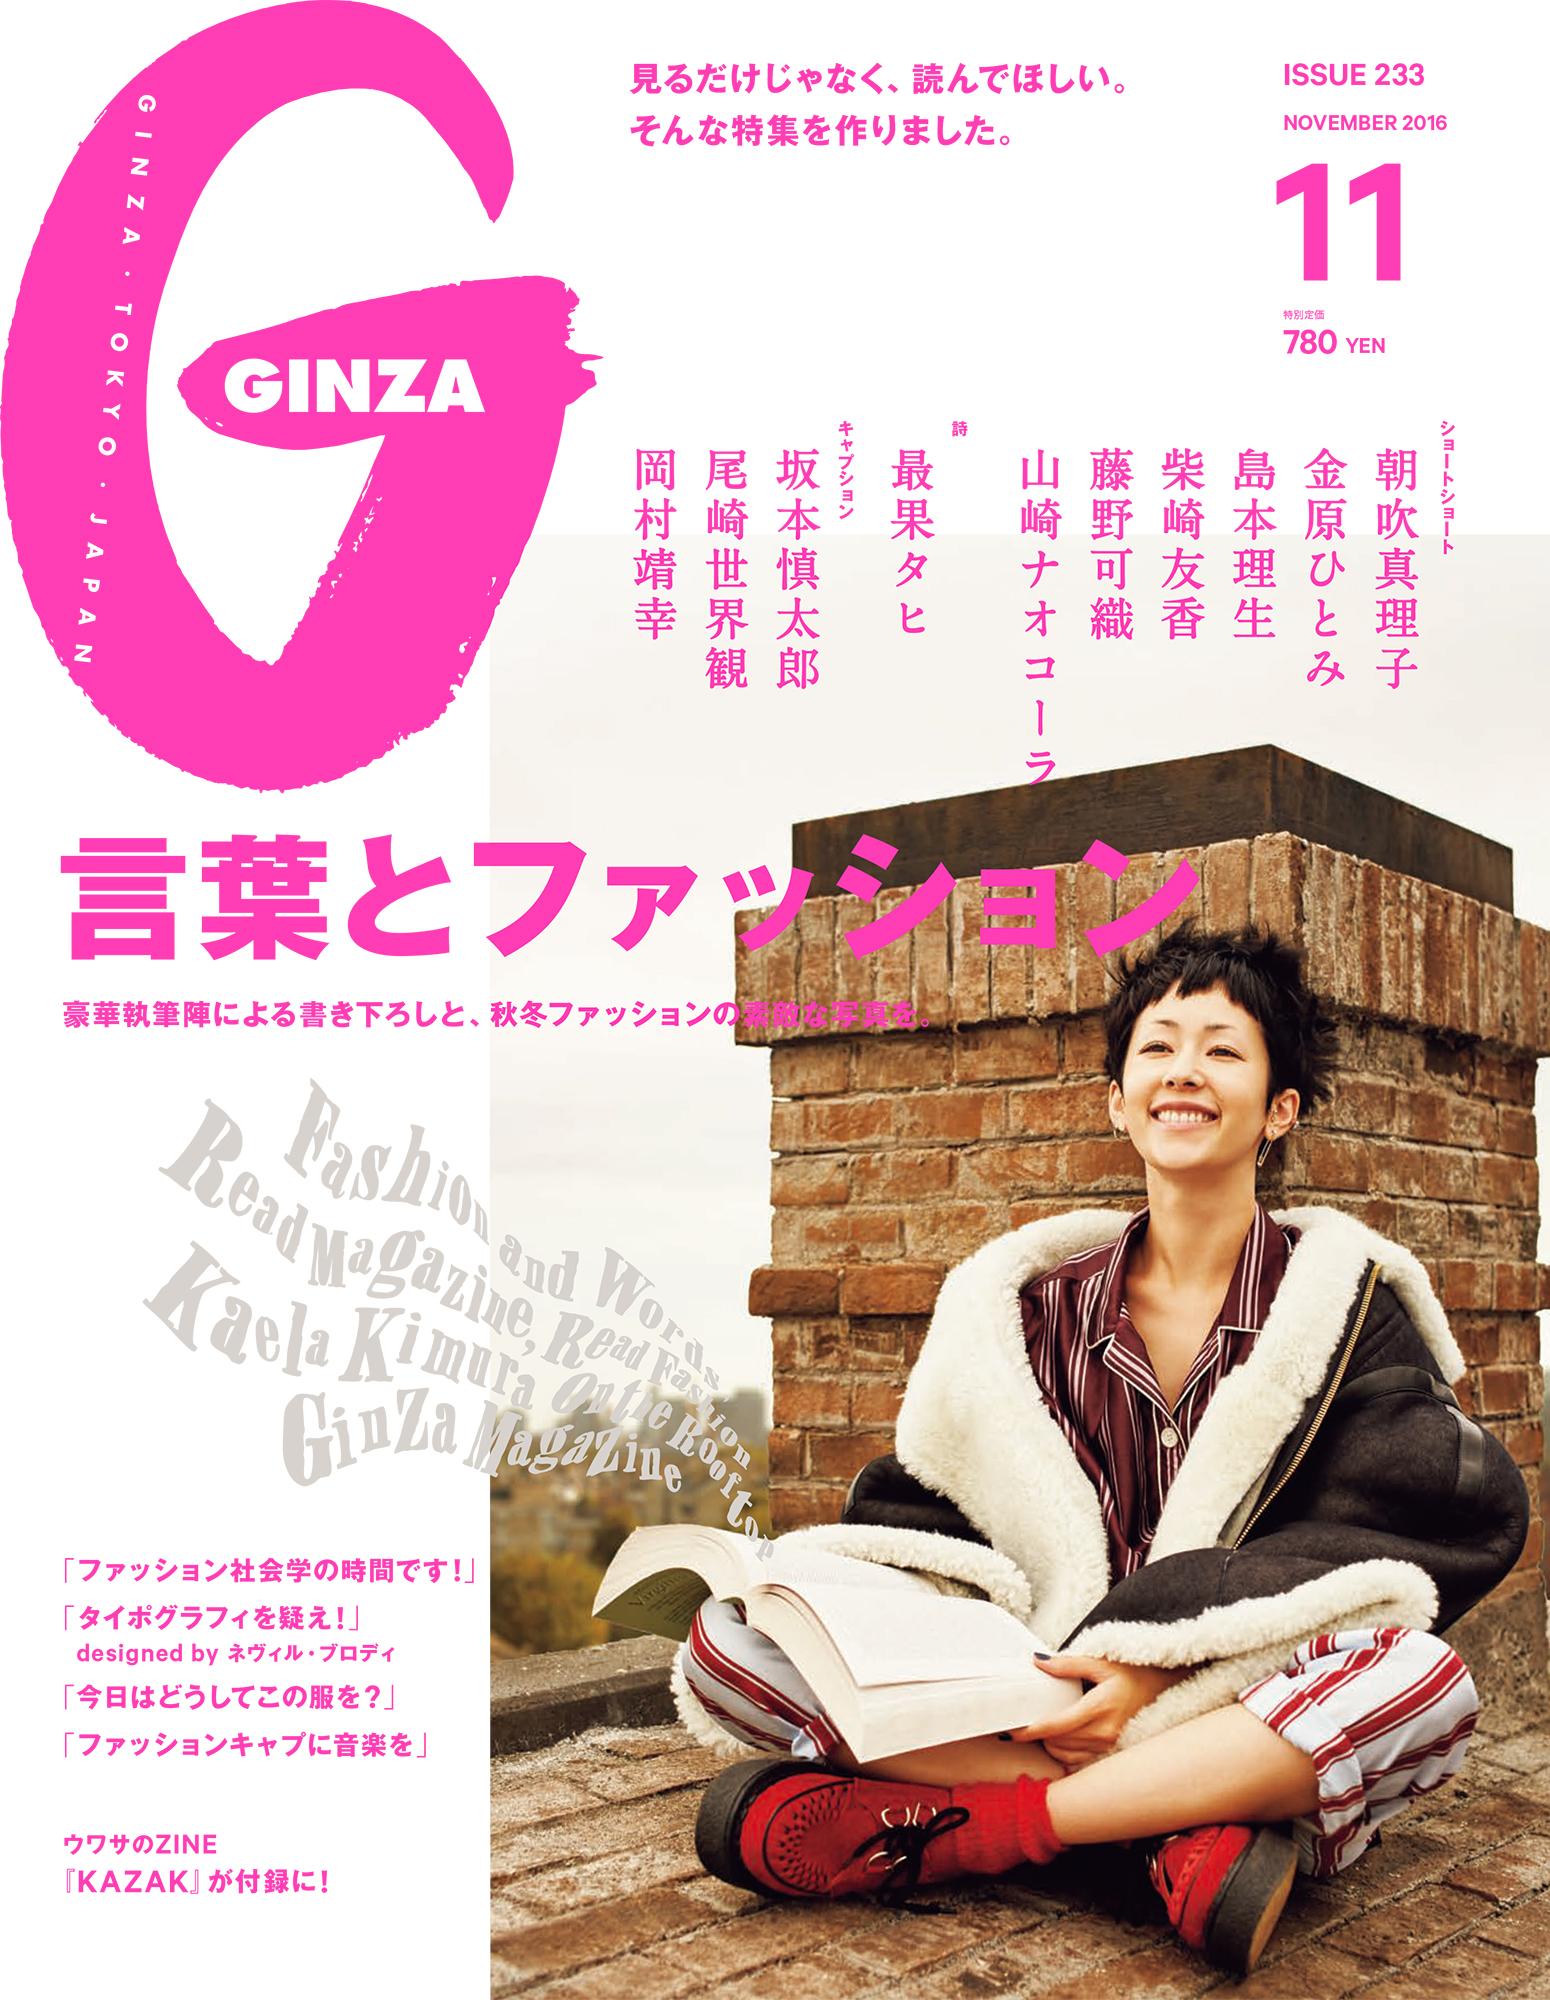 GINZA No.201611